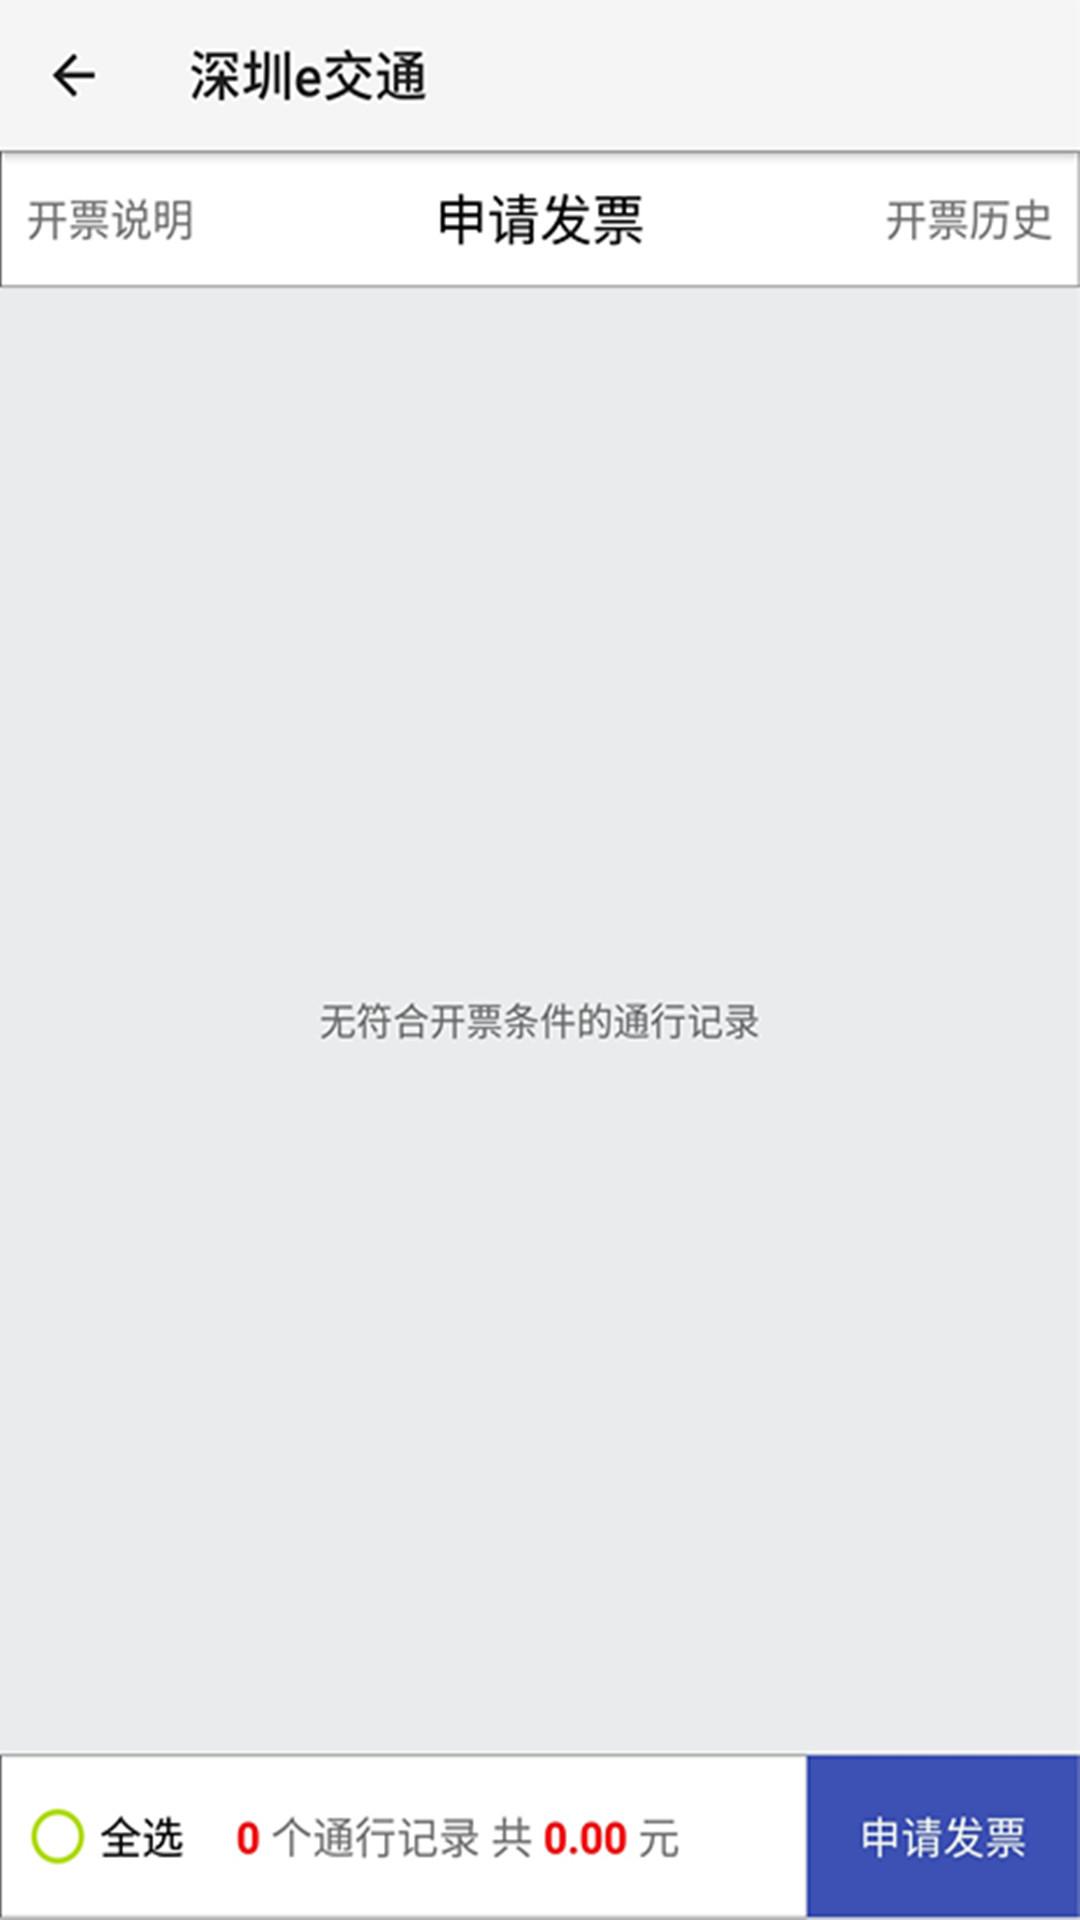 深圳e交通